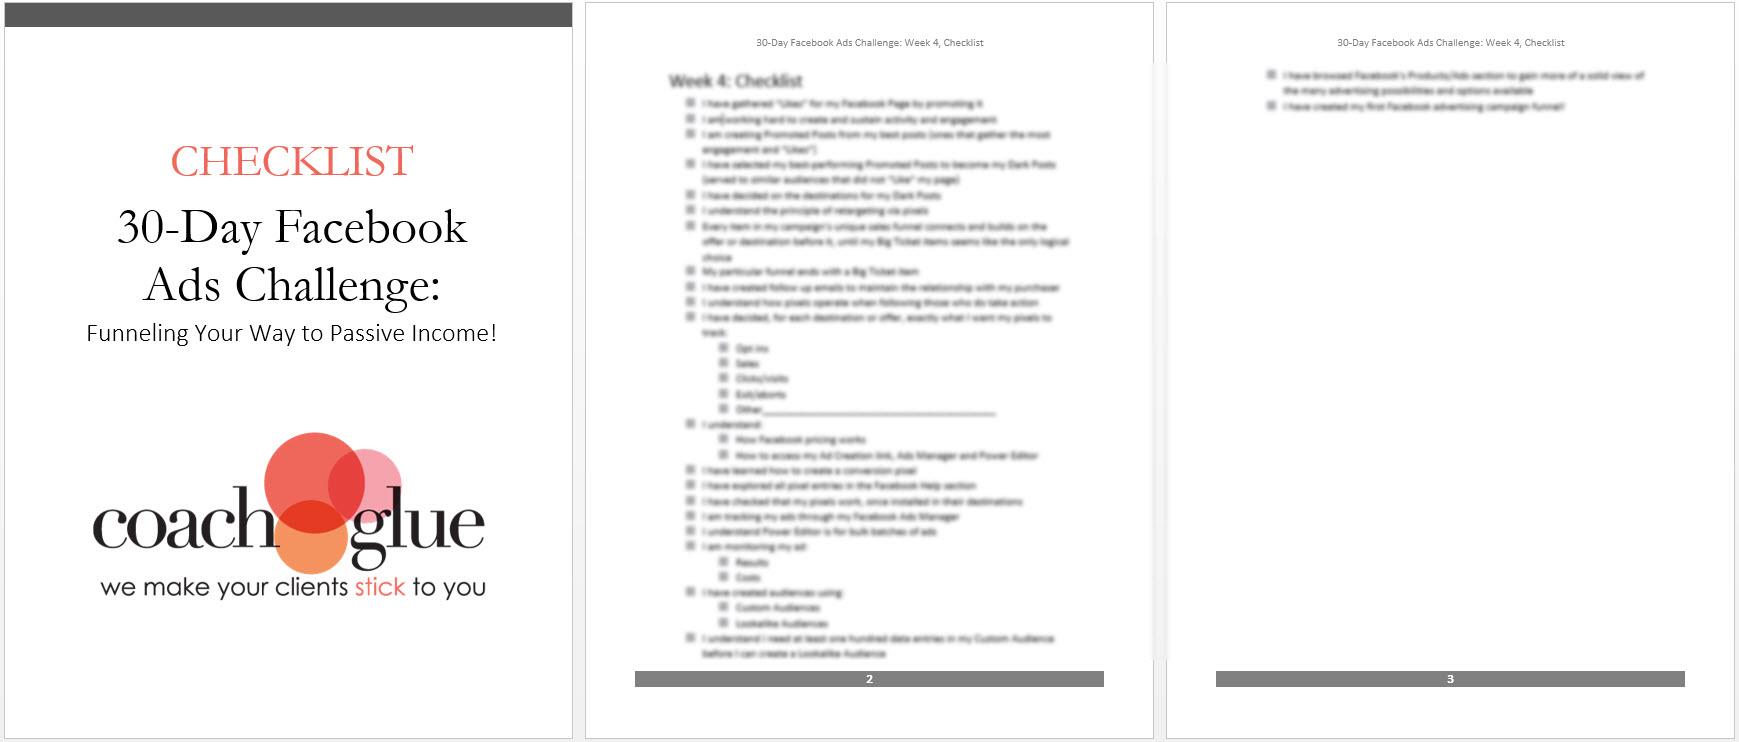 week 4 checklist